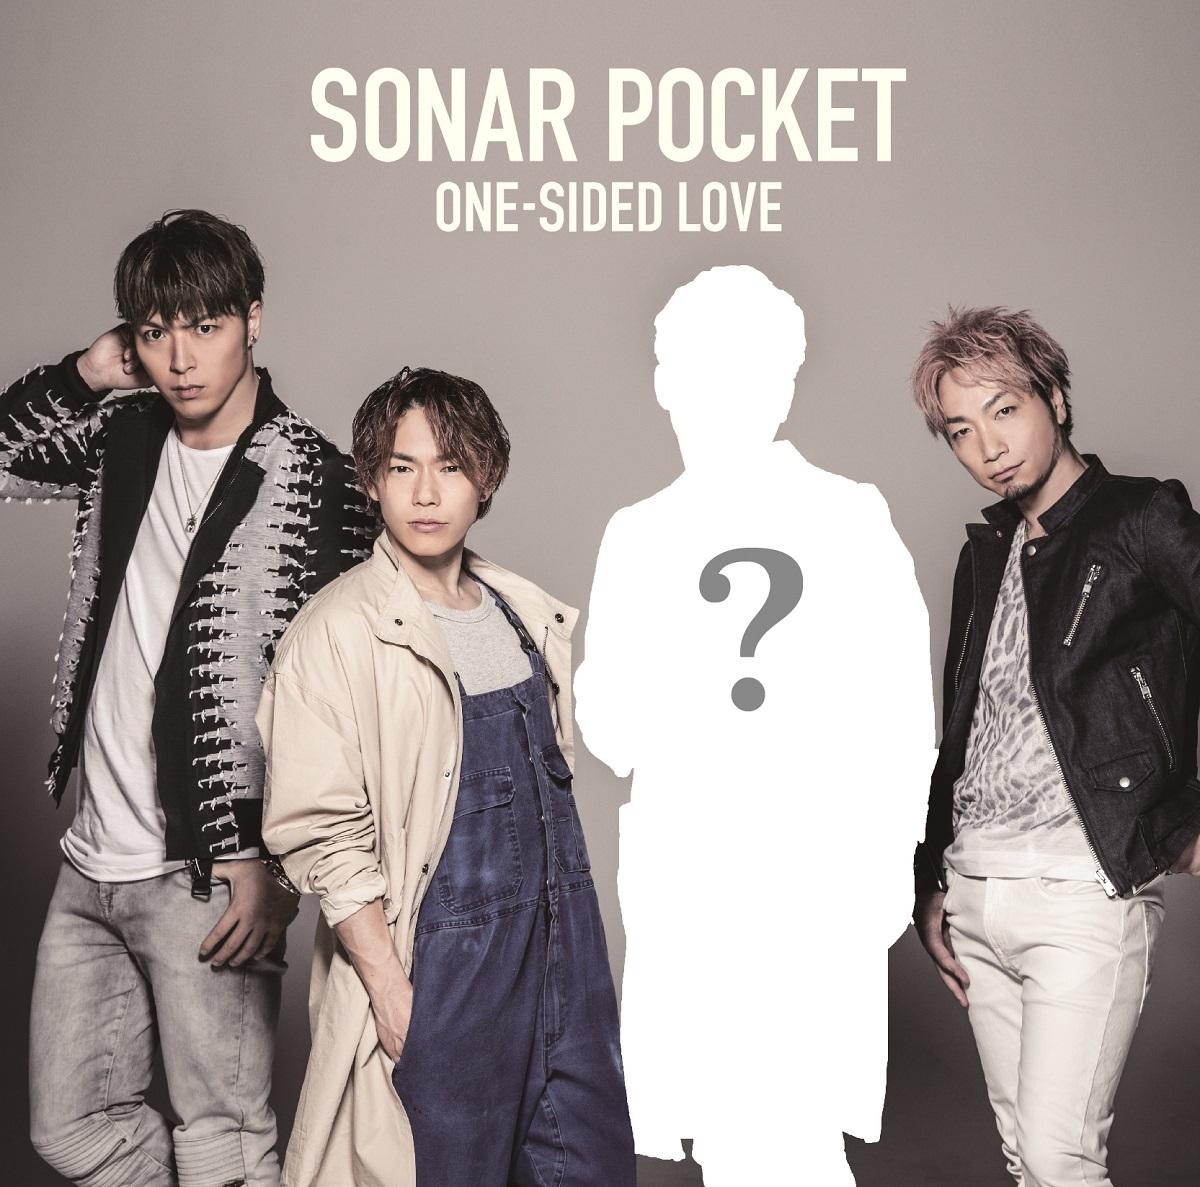 ソナーポケット「ONE-SIDED LOVE」初回限定盤